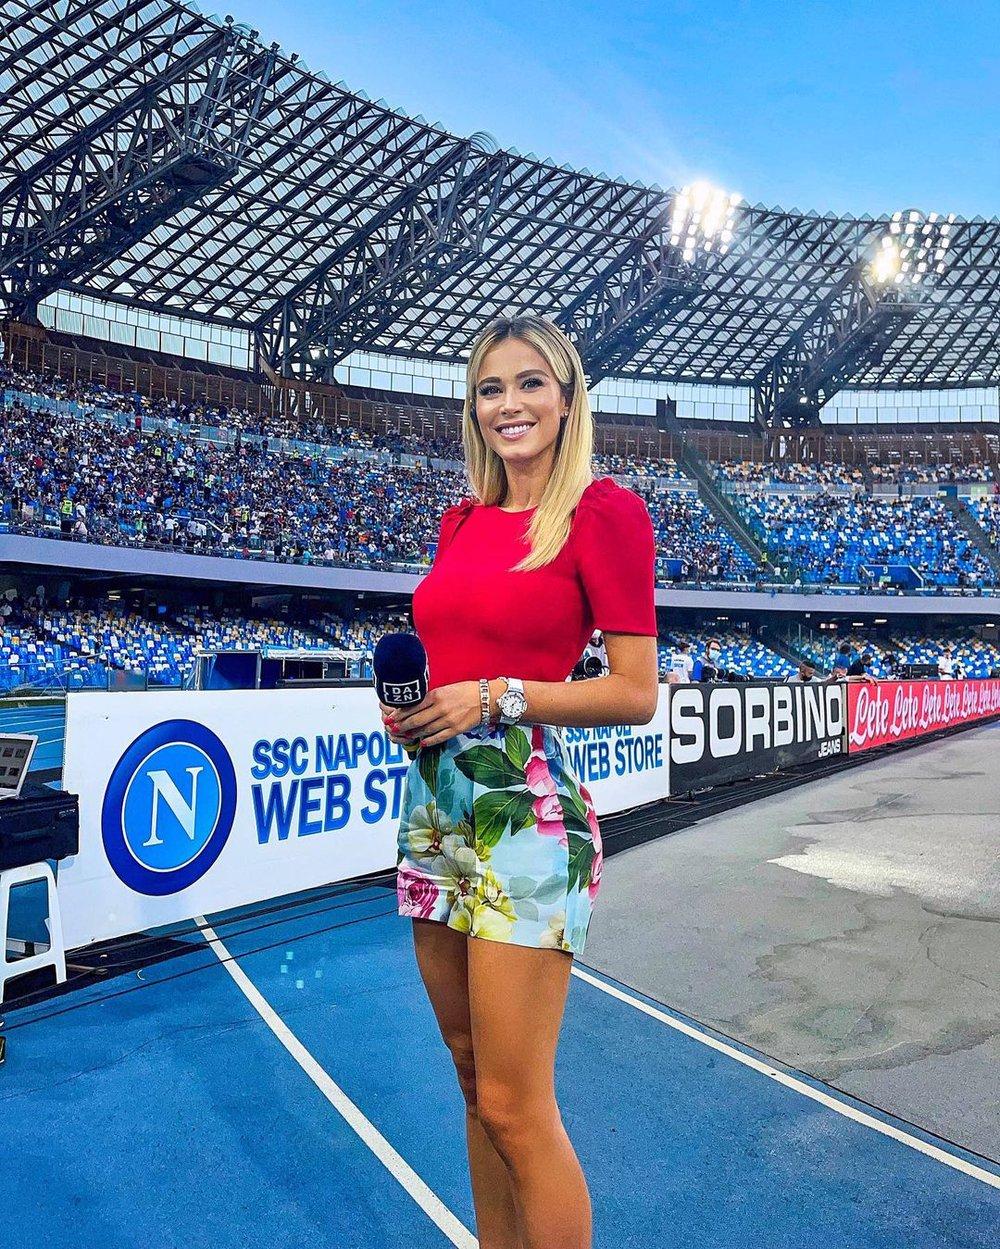 Nữ phóng viên thể thao quyến rũ nhất hành tinh úp mở về chuyện tình trường, fan mày râu được nước mở cờ trong bụng - Ảnh 1.